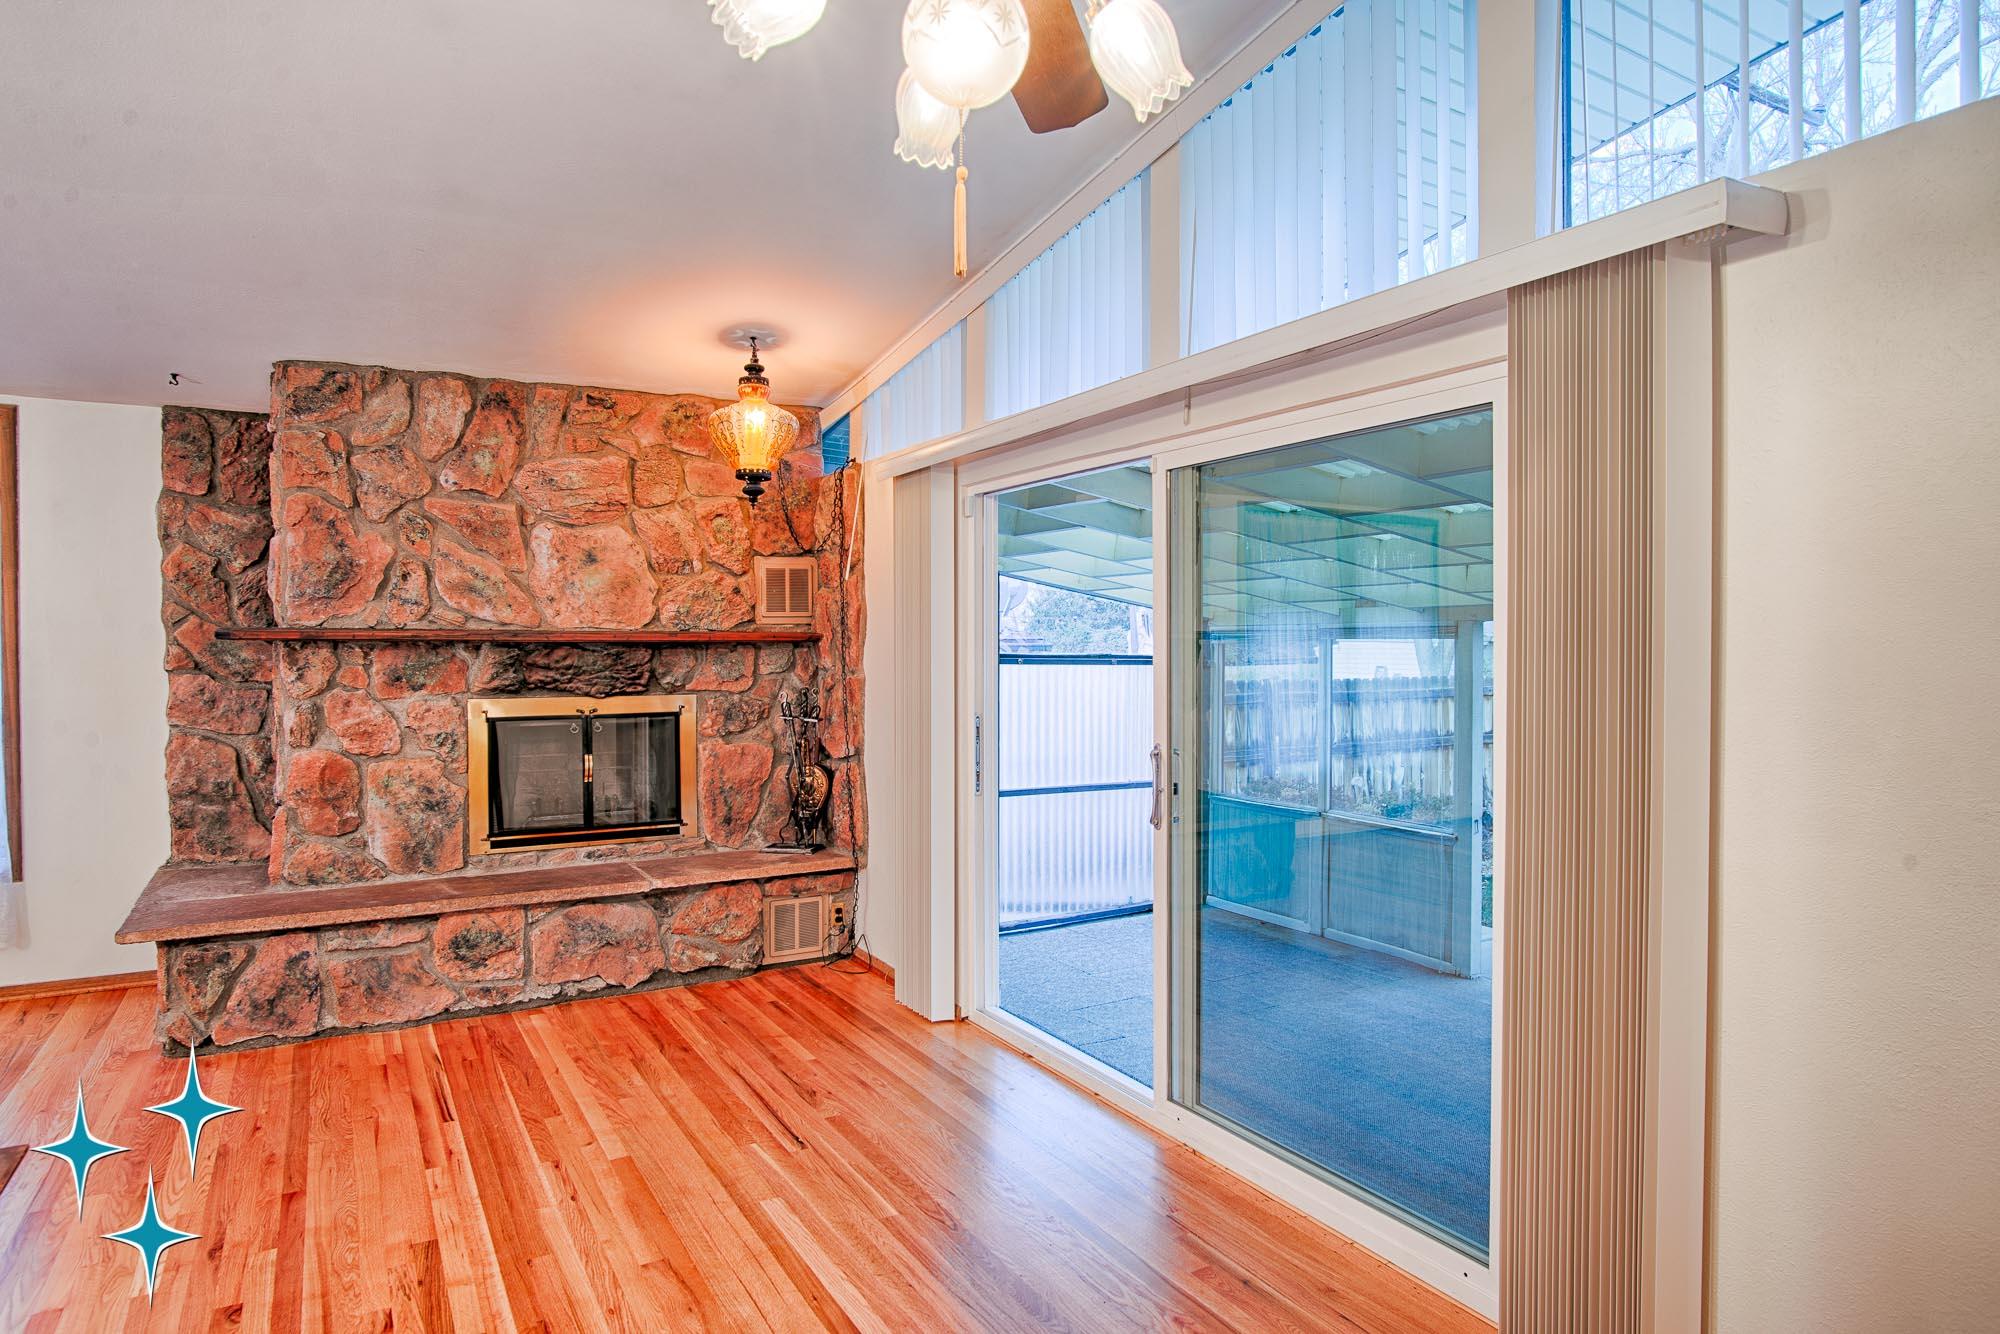 Adrian-Kinney-4155-W-Iliff-Avenue-Denver-r-Carey-Holiday-Home-2000w50-3SWM-7.jpg